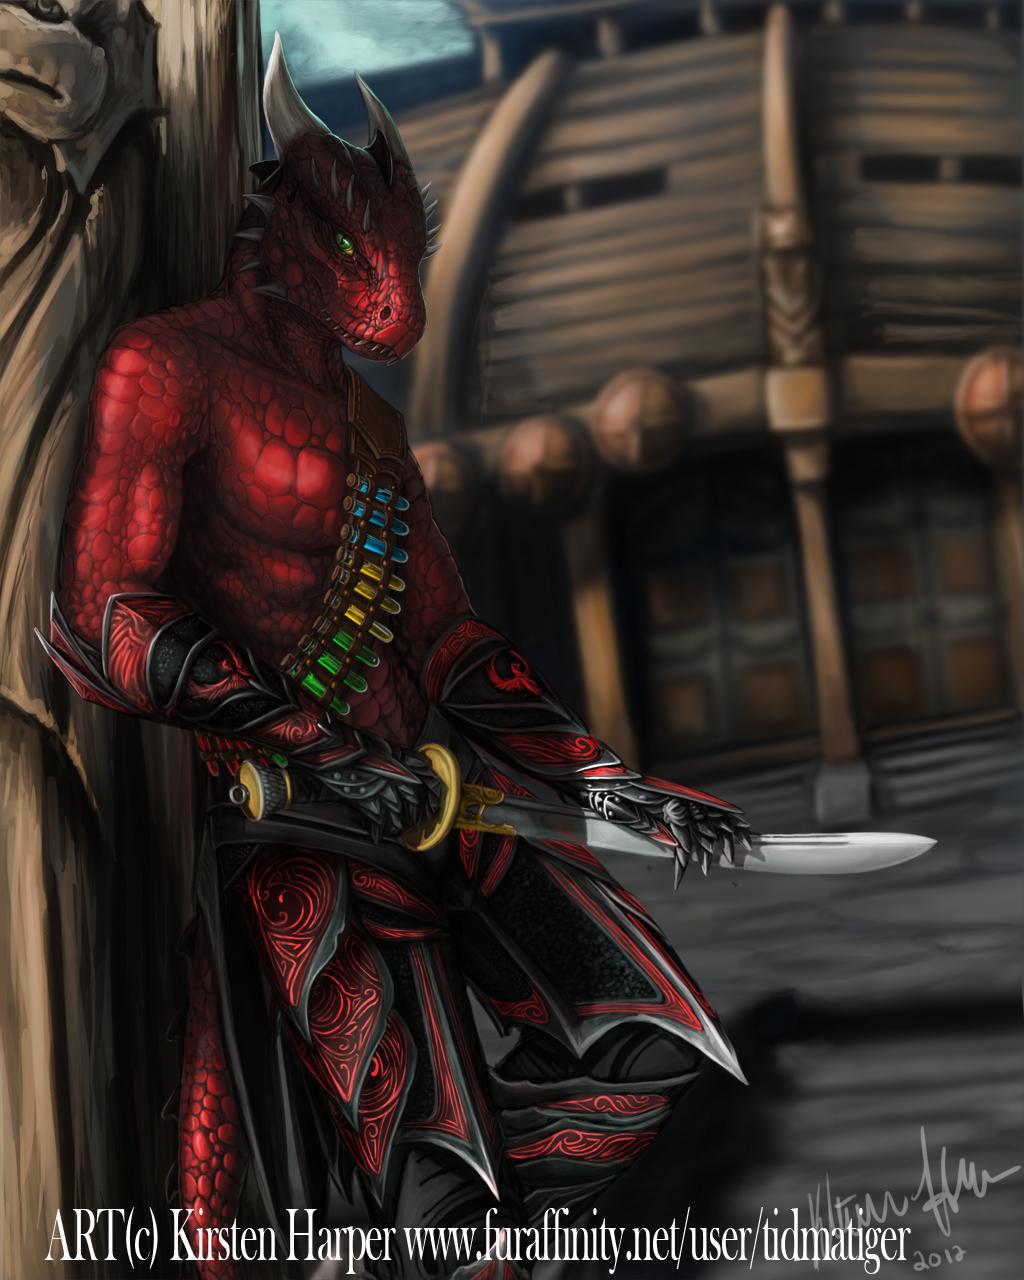 Oblivion yiff hentai scenes